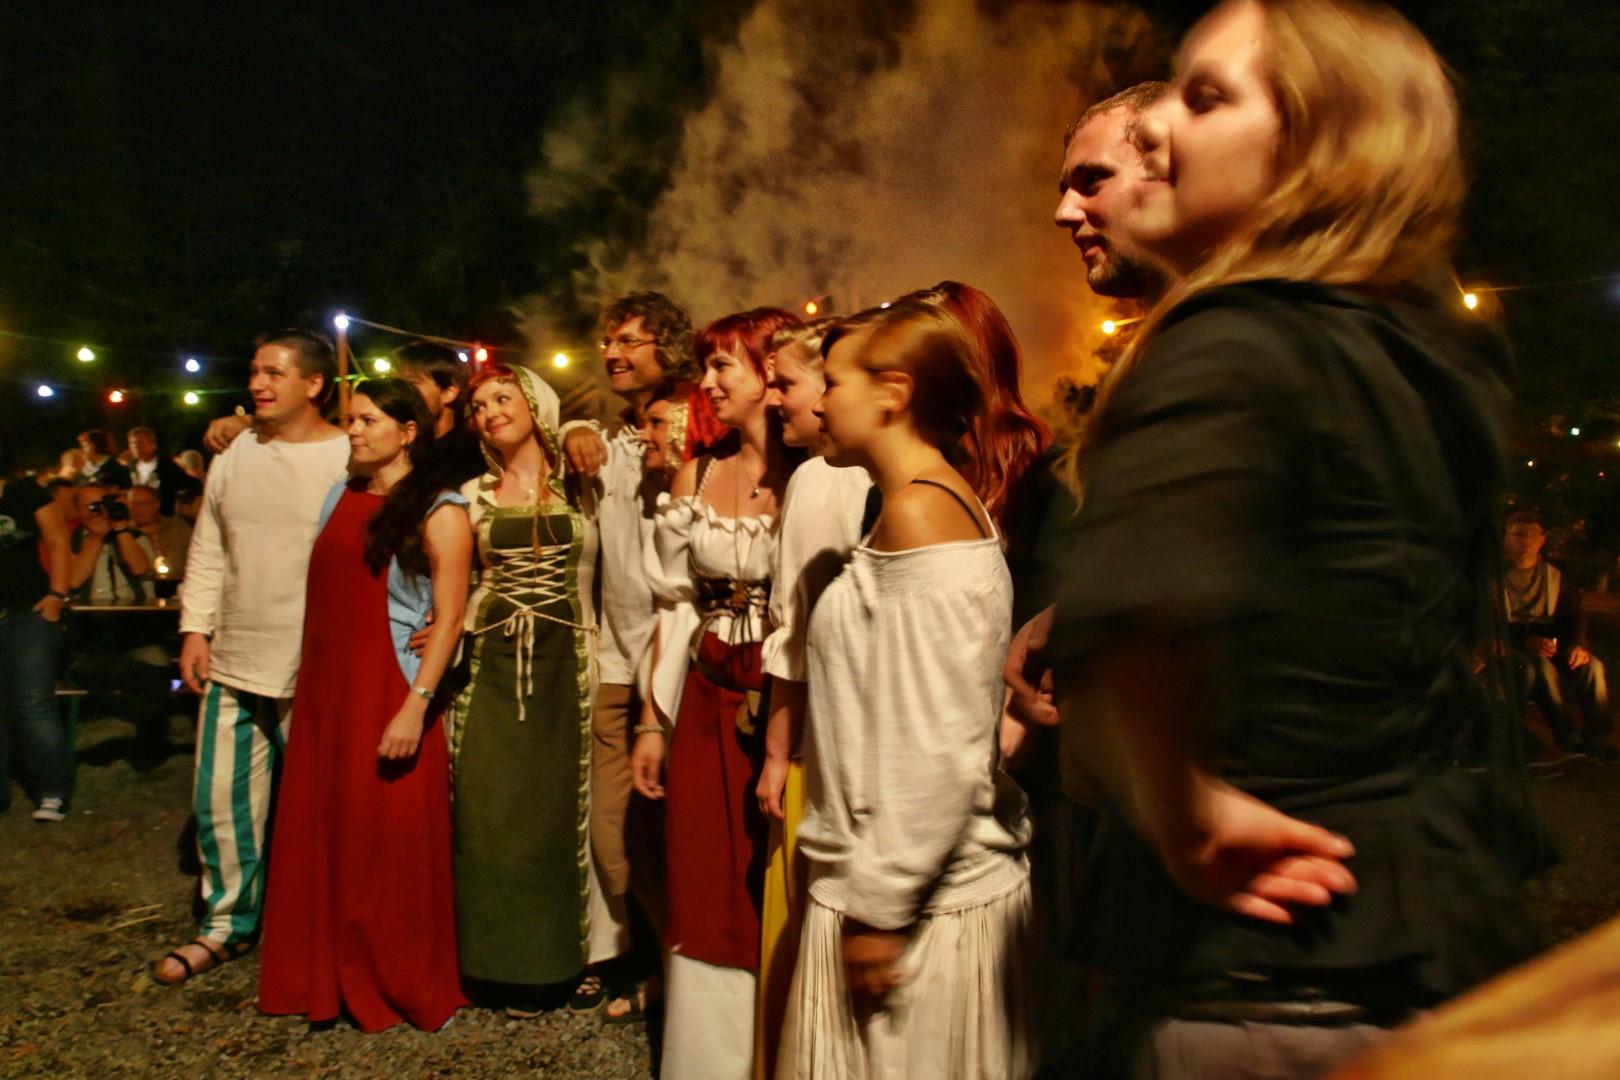 img_1458mittelalterliche_hofepark_zu_schoenbach